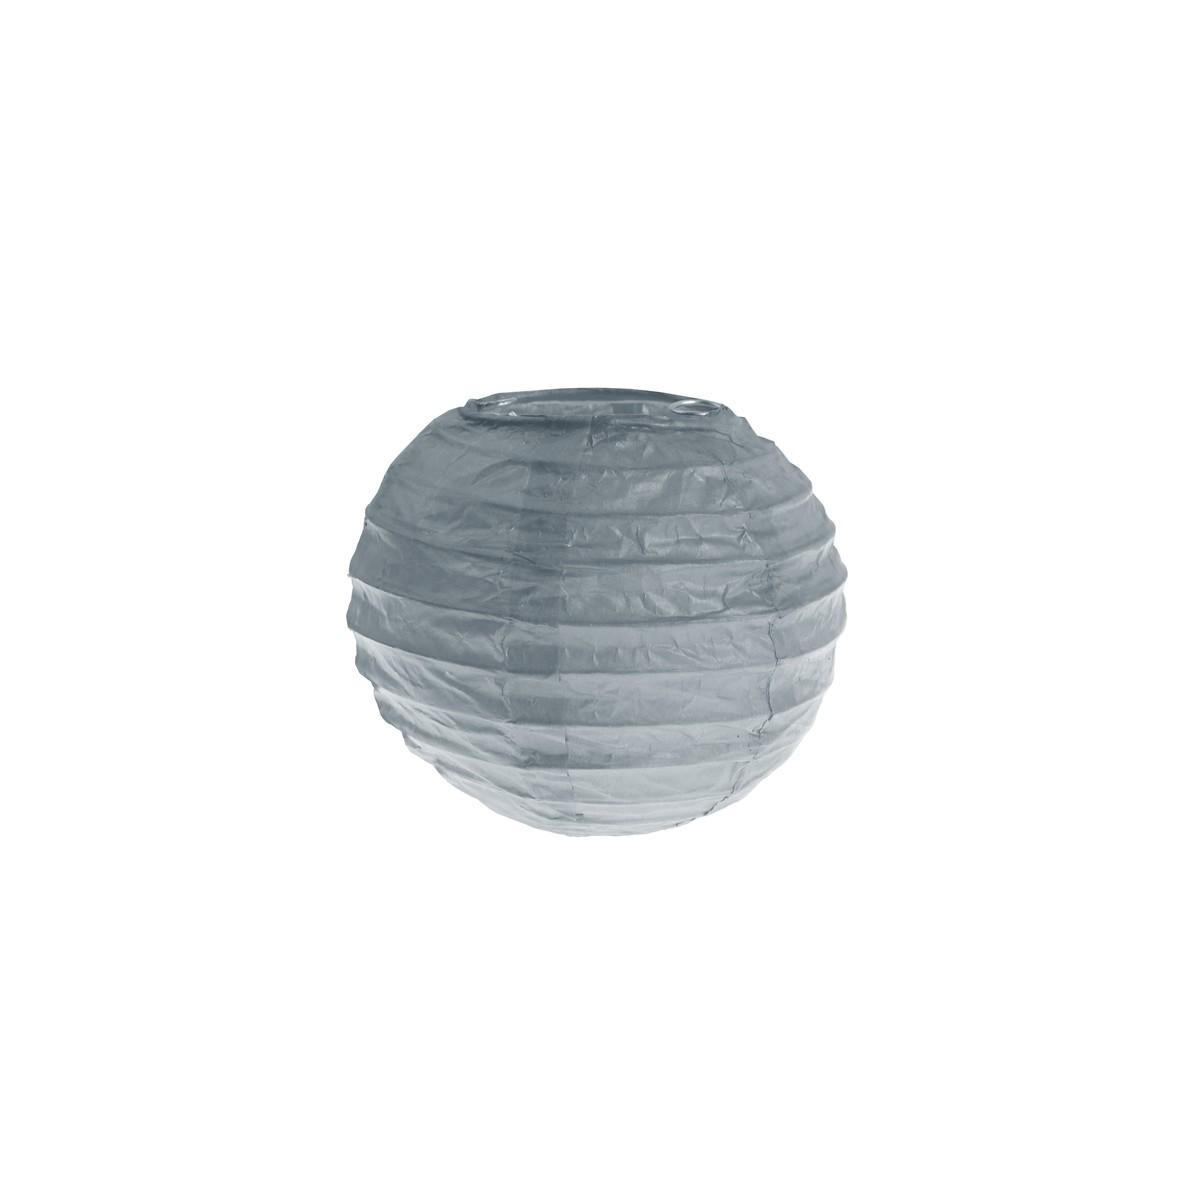 2x Mini Lanterne Papier 7.5cm - Gris